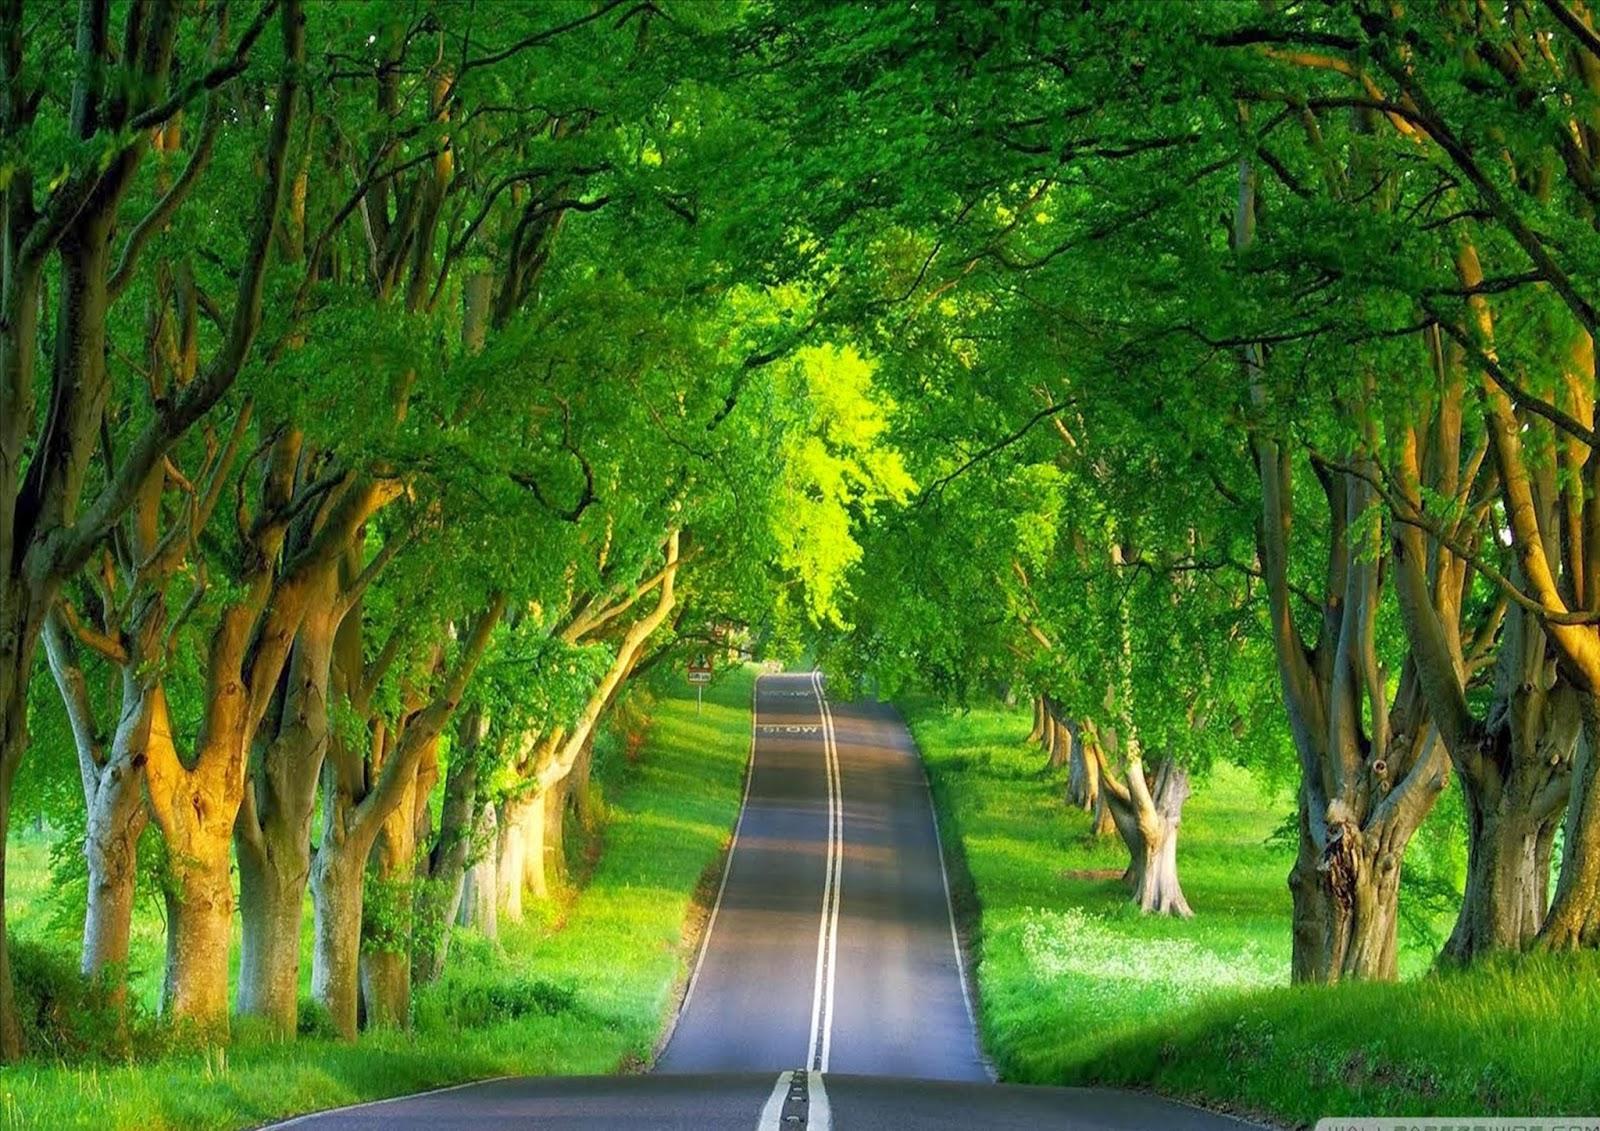 indian tourism india s 10 beautiful natural place rh tourhindian blogspot com